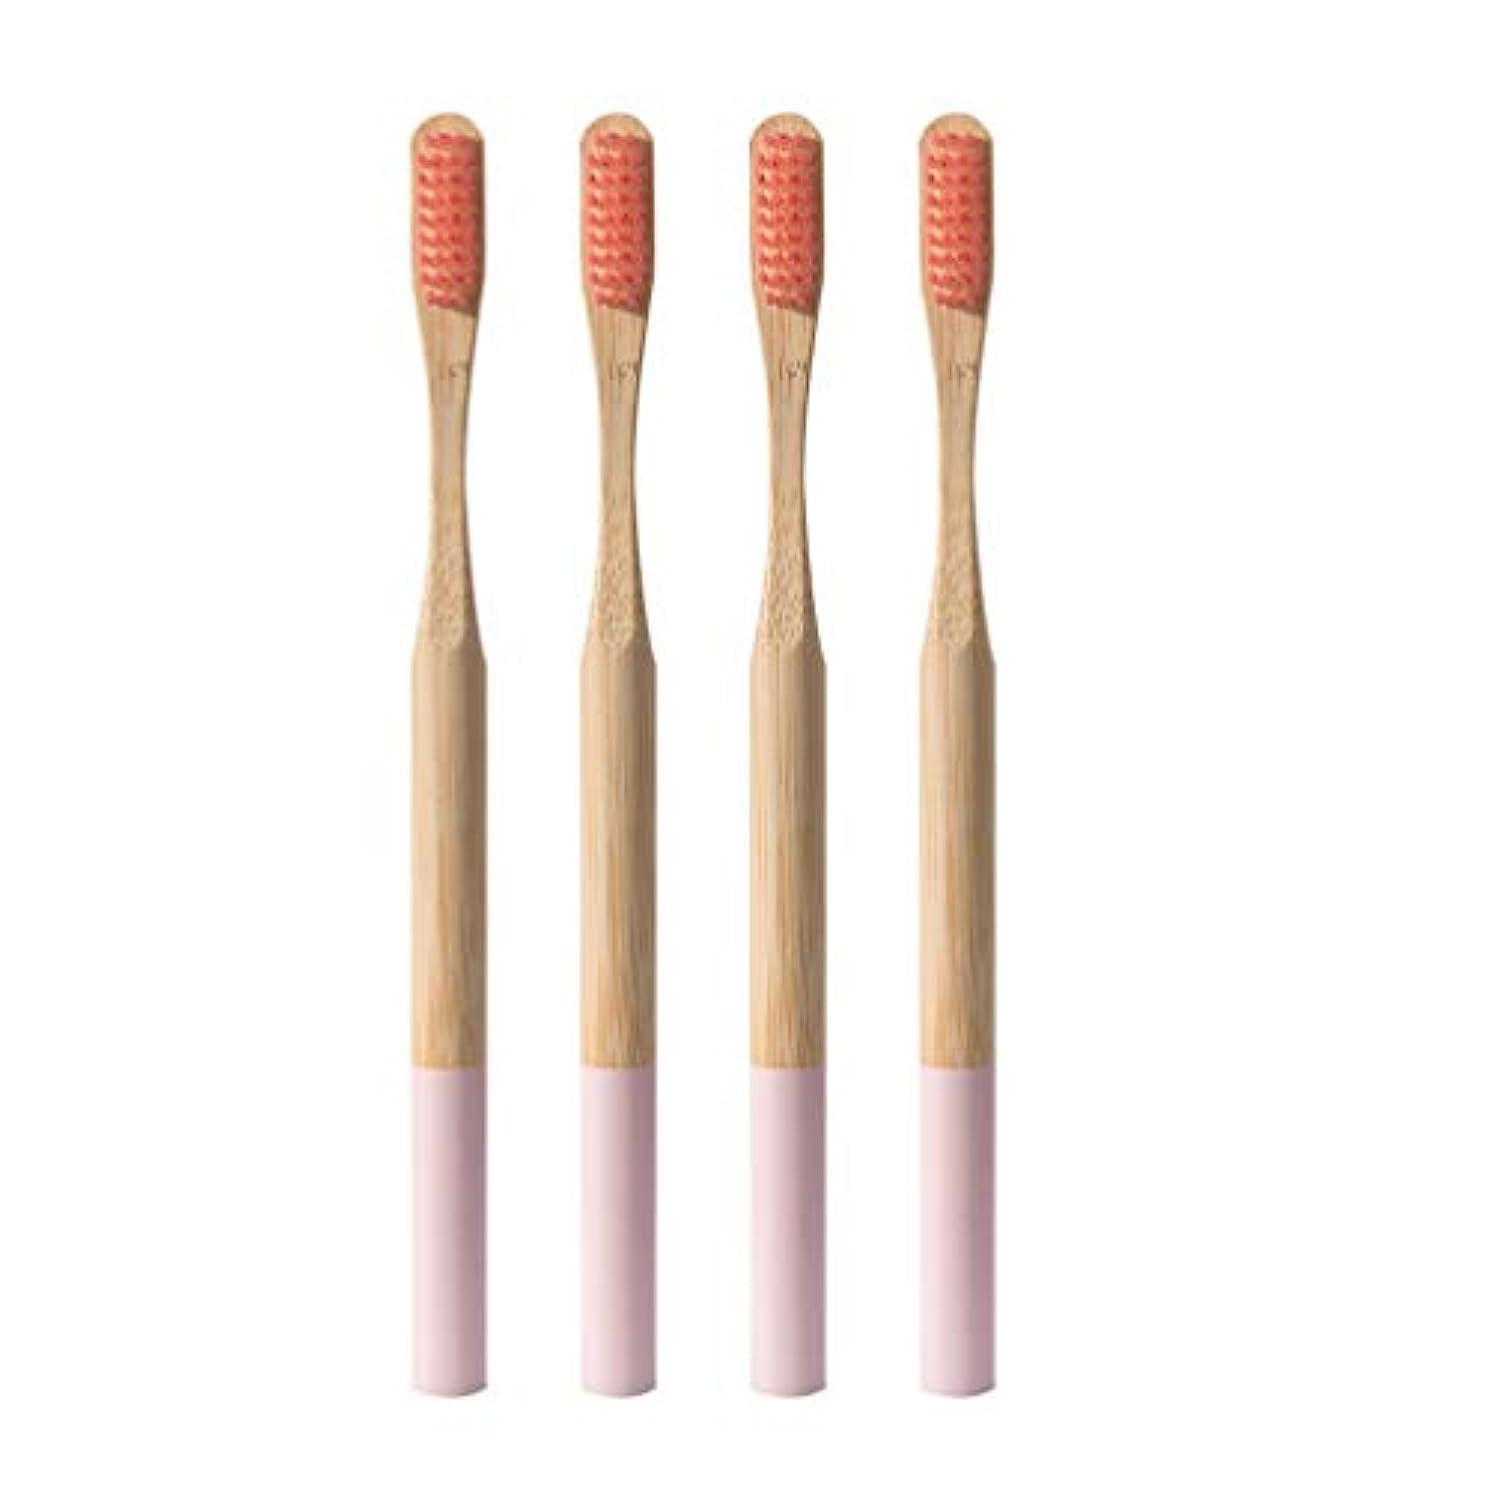 サスティーンこれまで行列Heallily 竹の歯ブラシ4ピースソフトブリスル歯ブラシ生分解性、環境に優しいソフト歯ブラシ、抗菌歯ブラシ、細かい毛の大人用(ピンク)